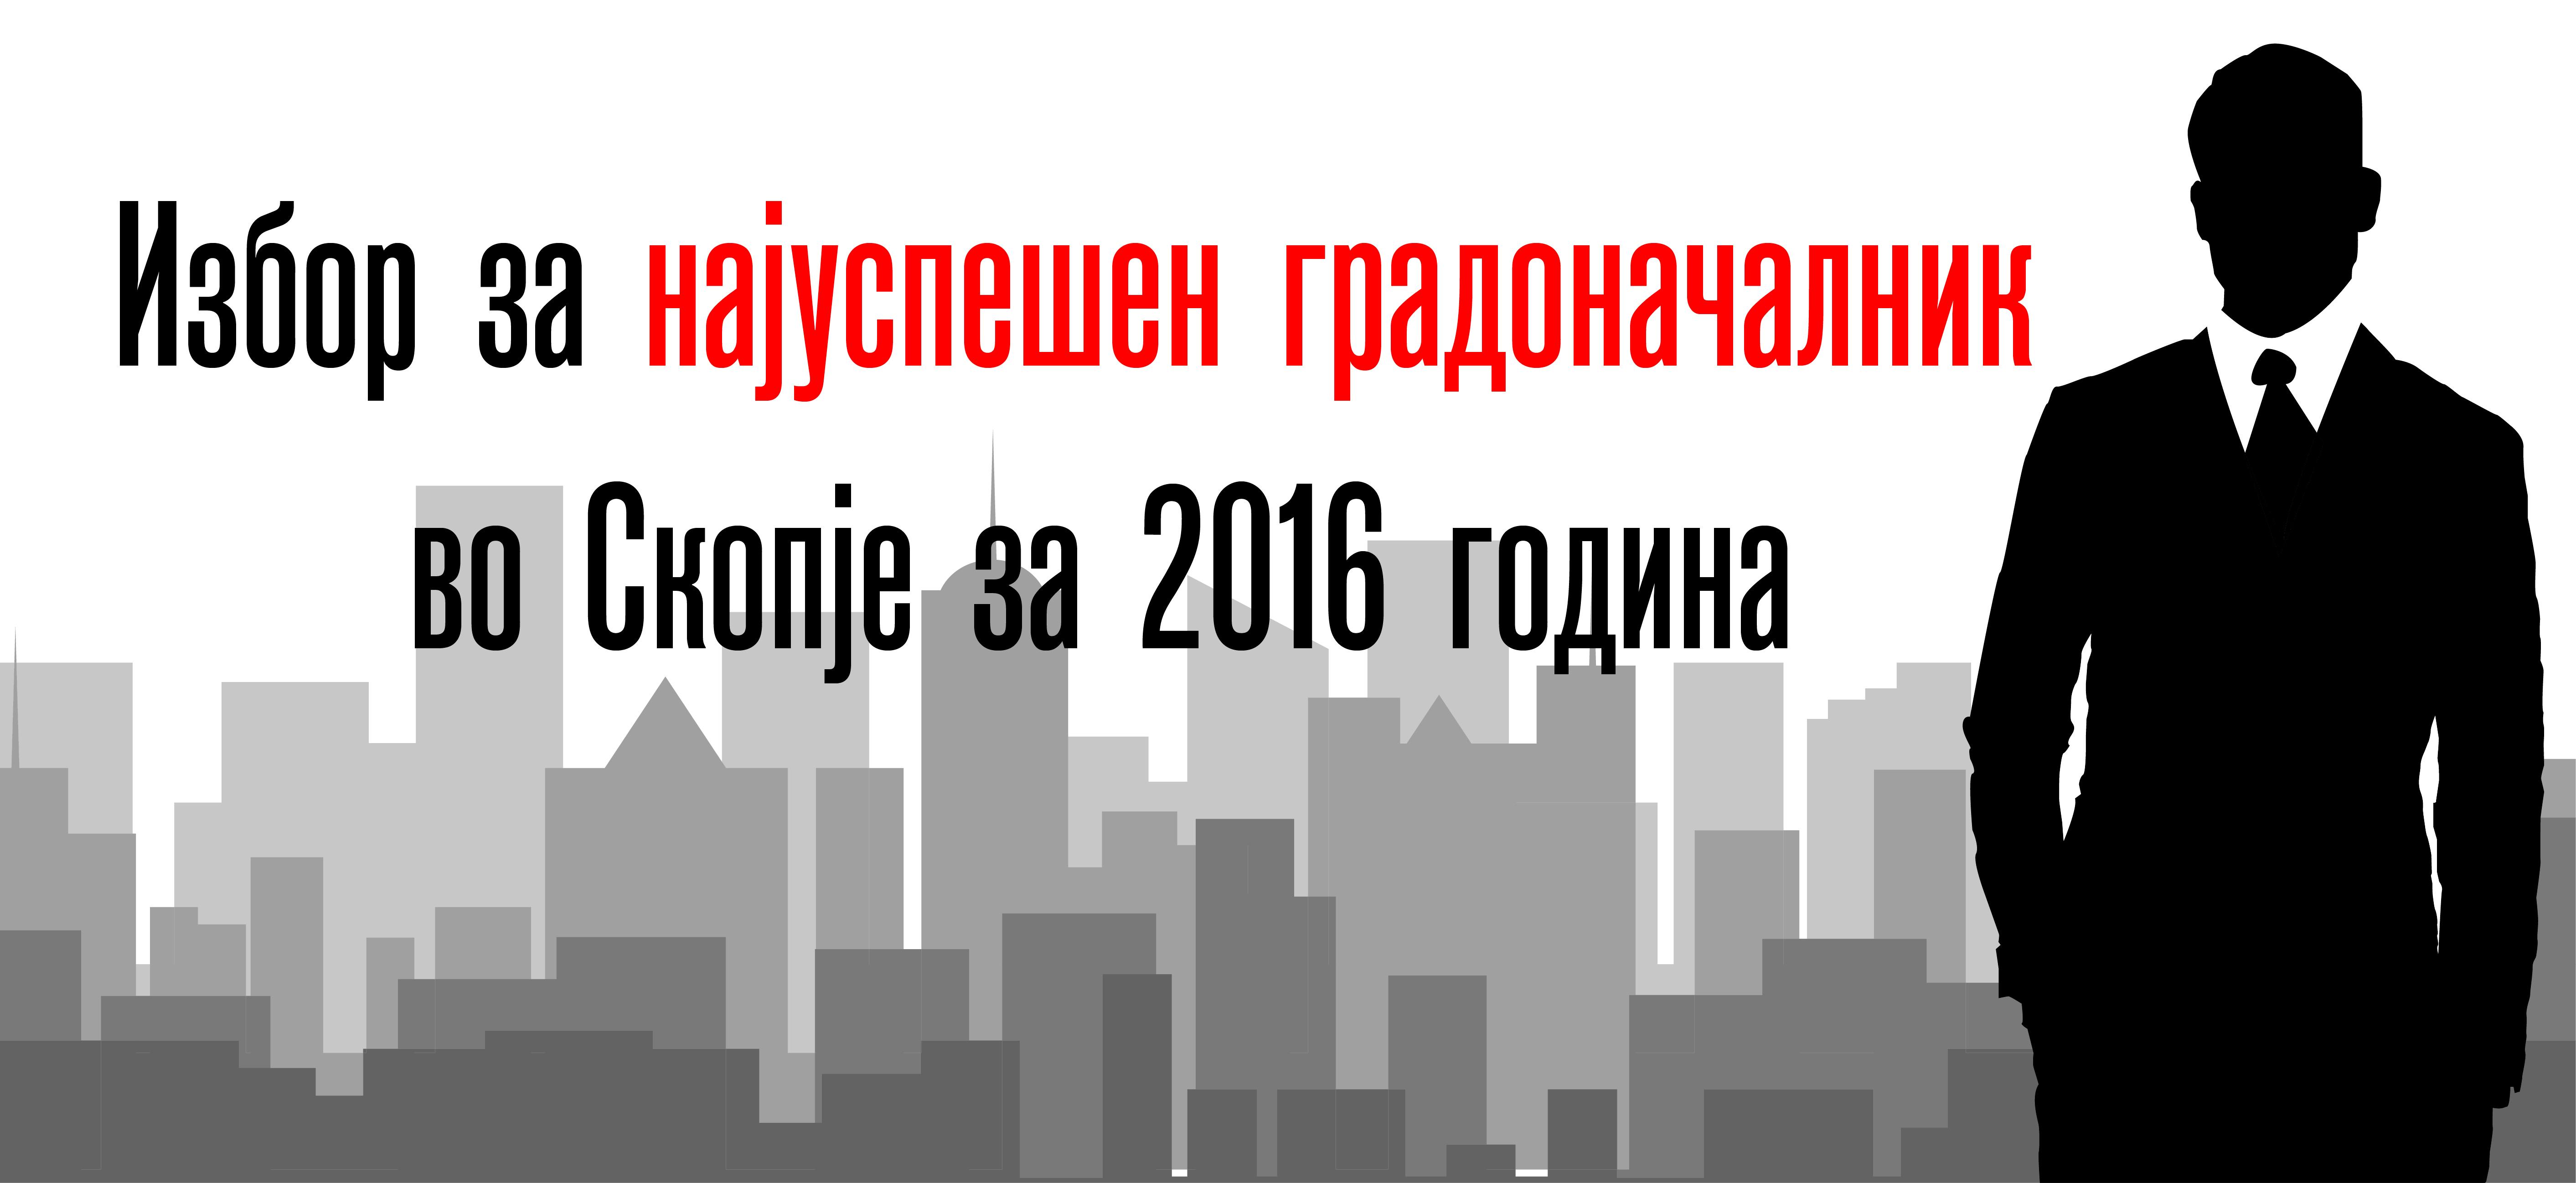 Анкета за избор на најуспешен градоначалник за 2016 година во Скопје